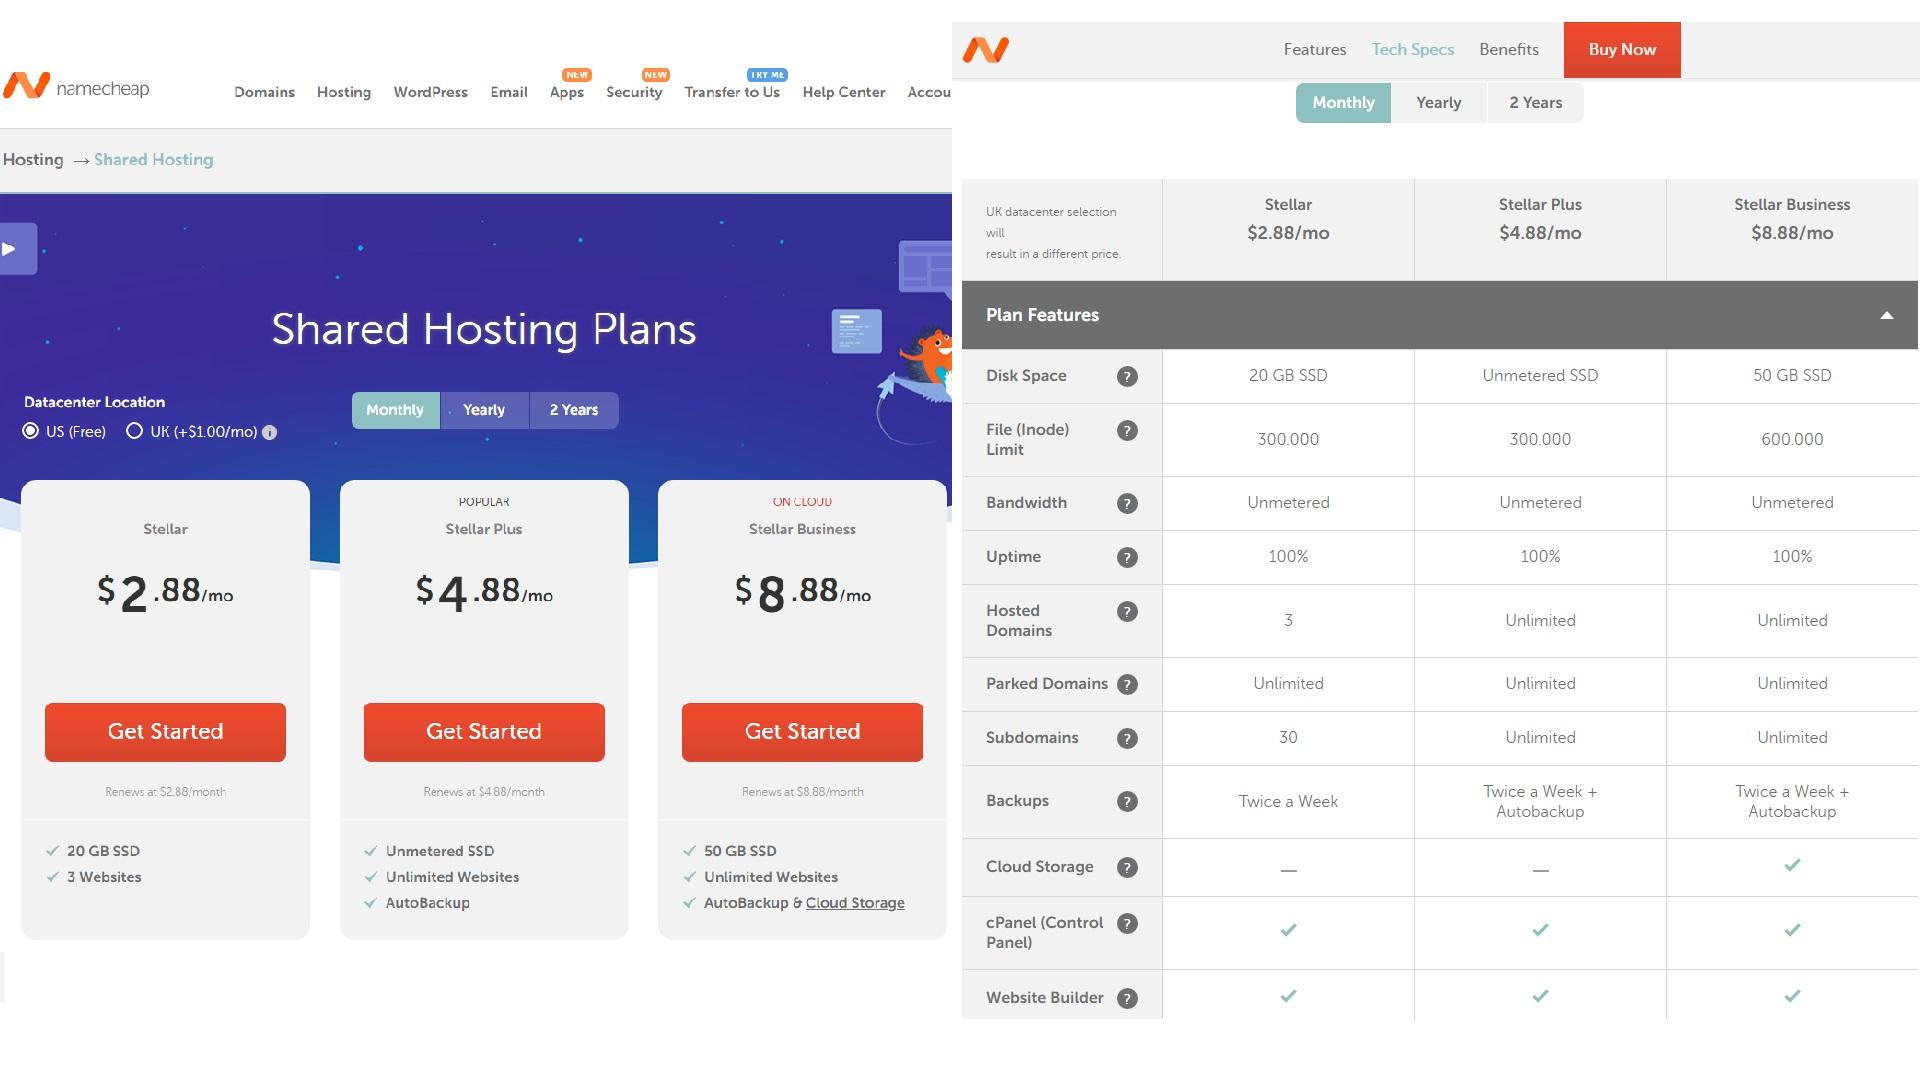 namecheap shared hosting